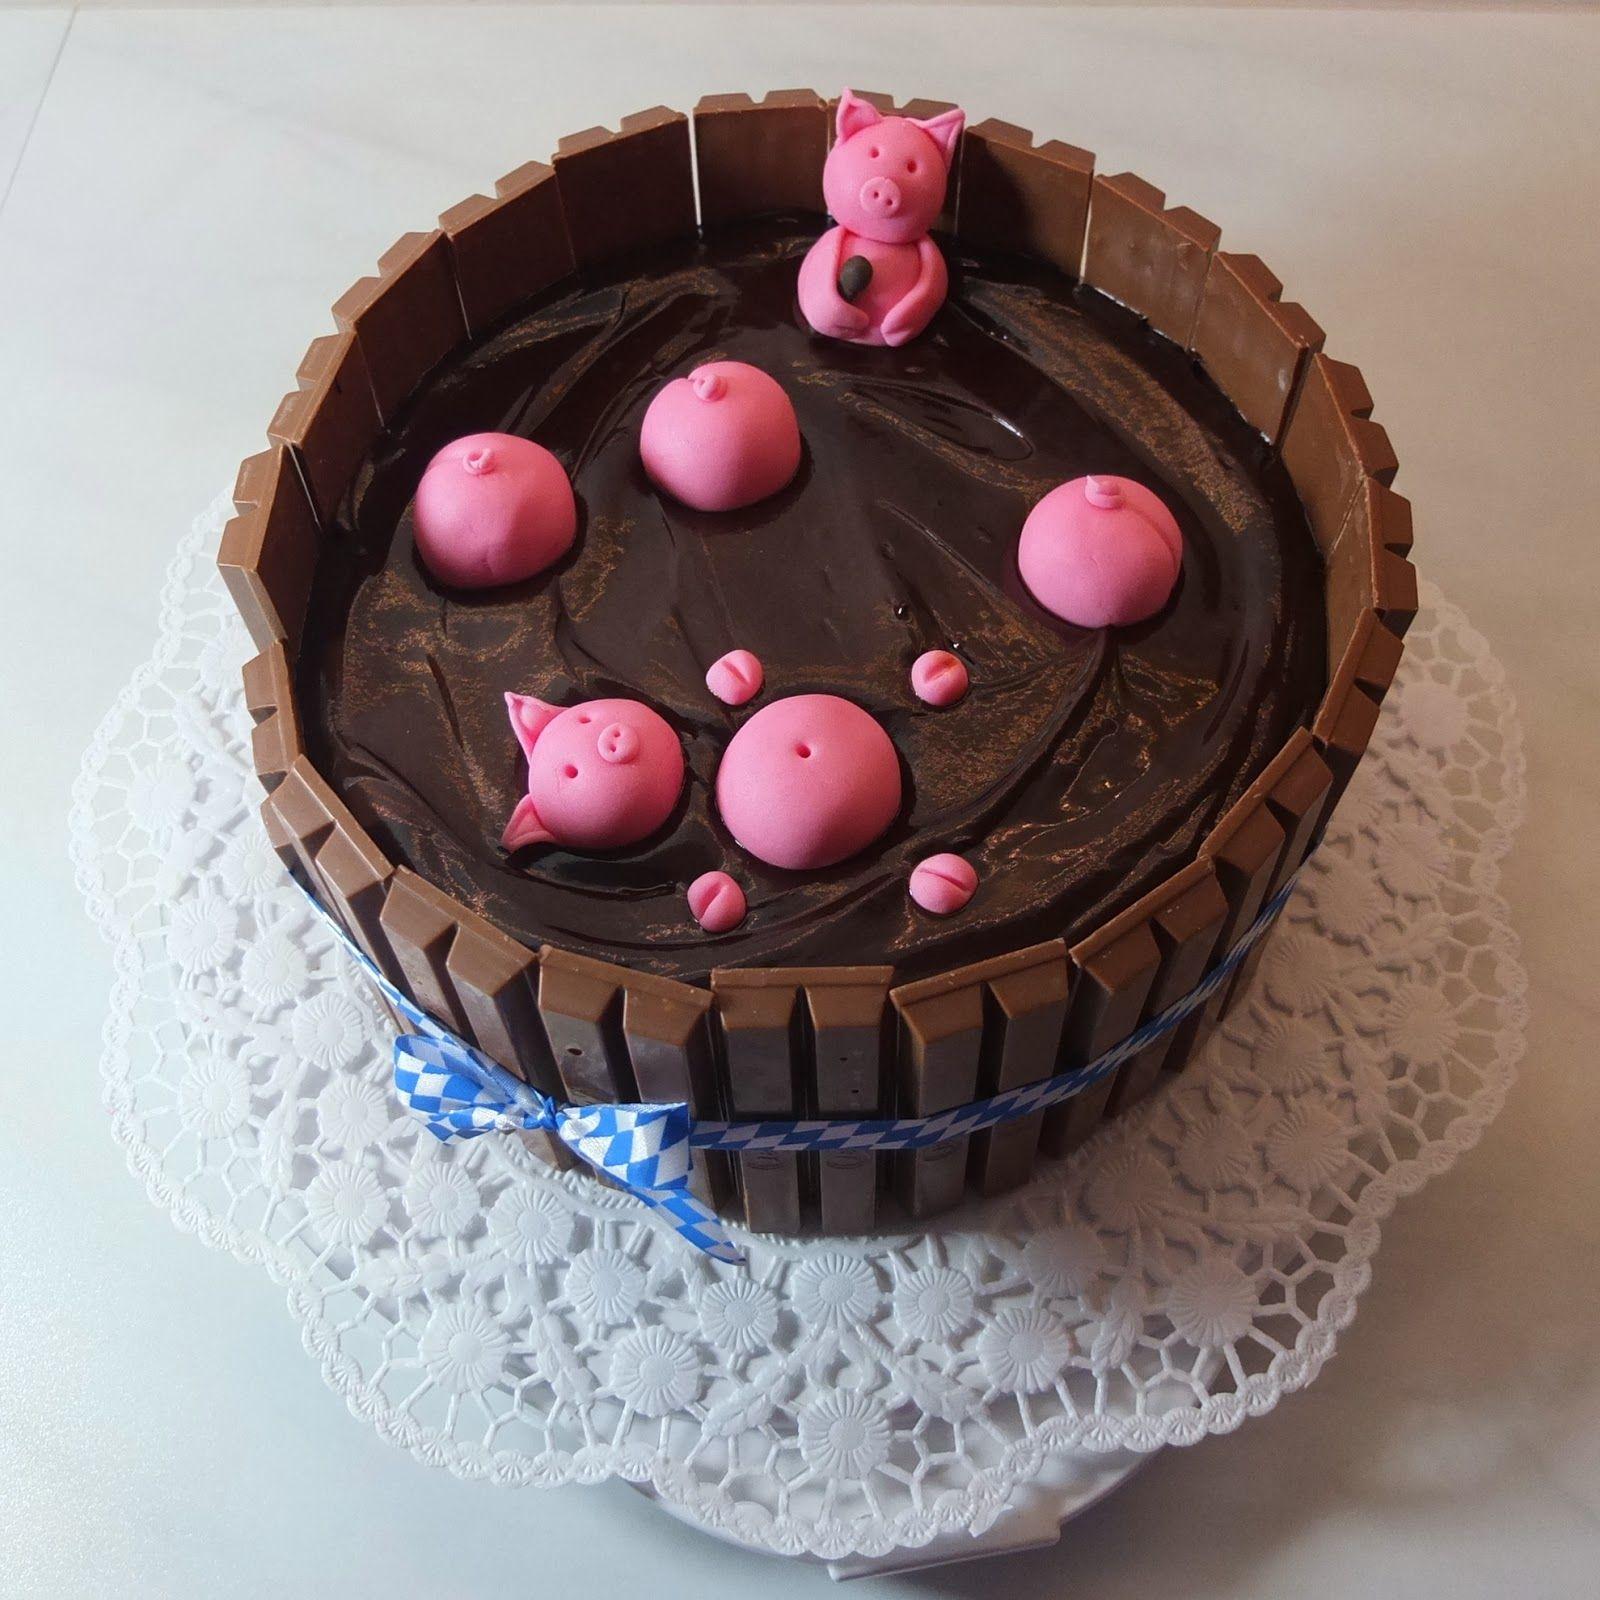 Pâtisserie Nadine: Pigs-in-Paradise-Torte (auch bekannt als Ferkel-im-Matsch-Eimer-Torte)